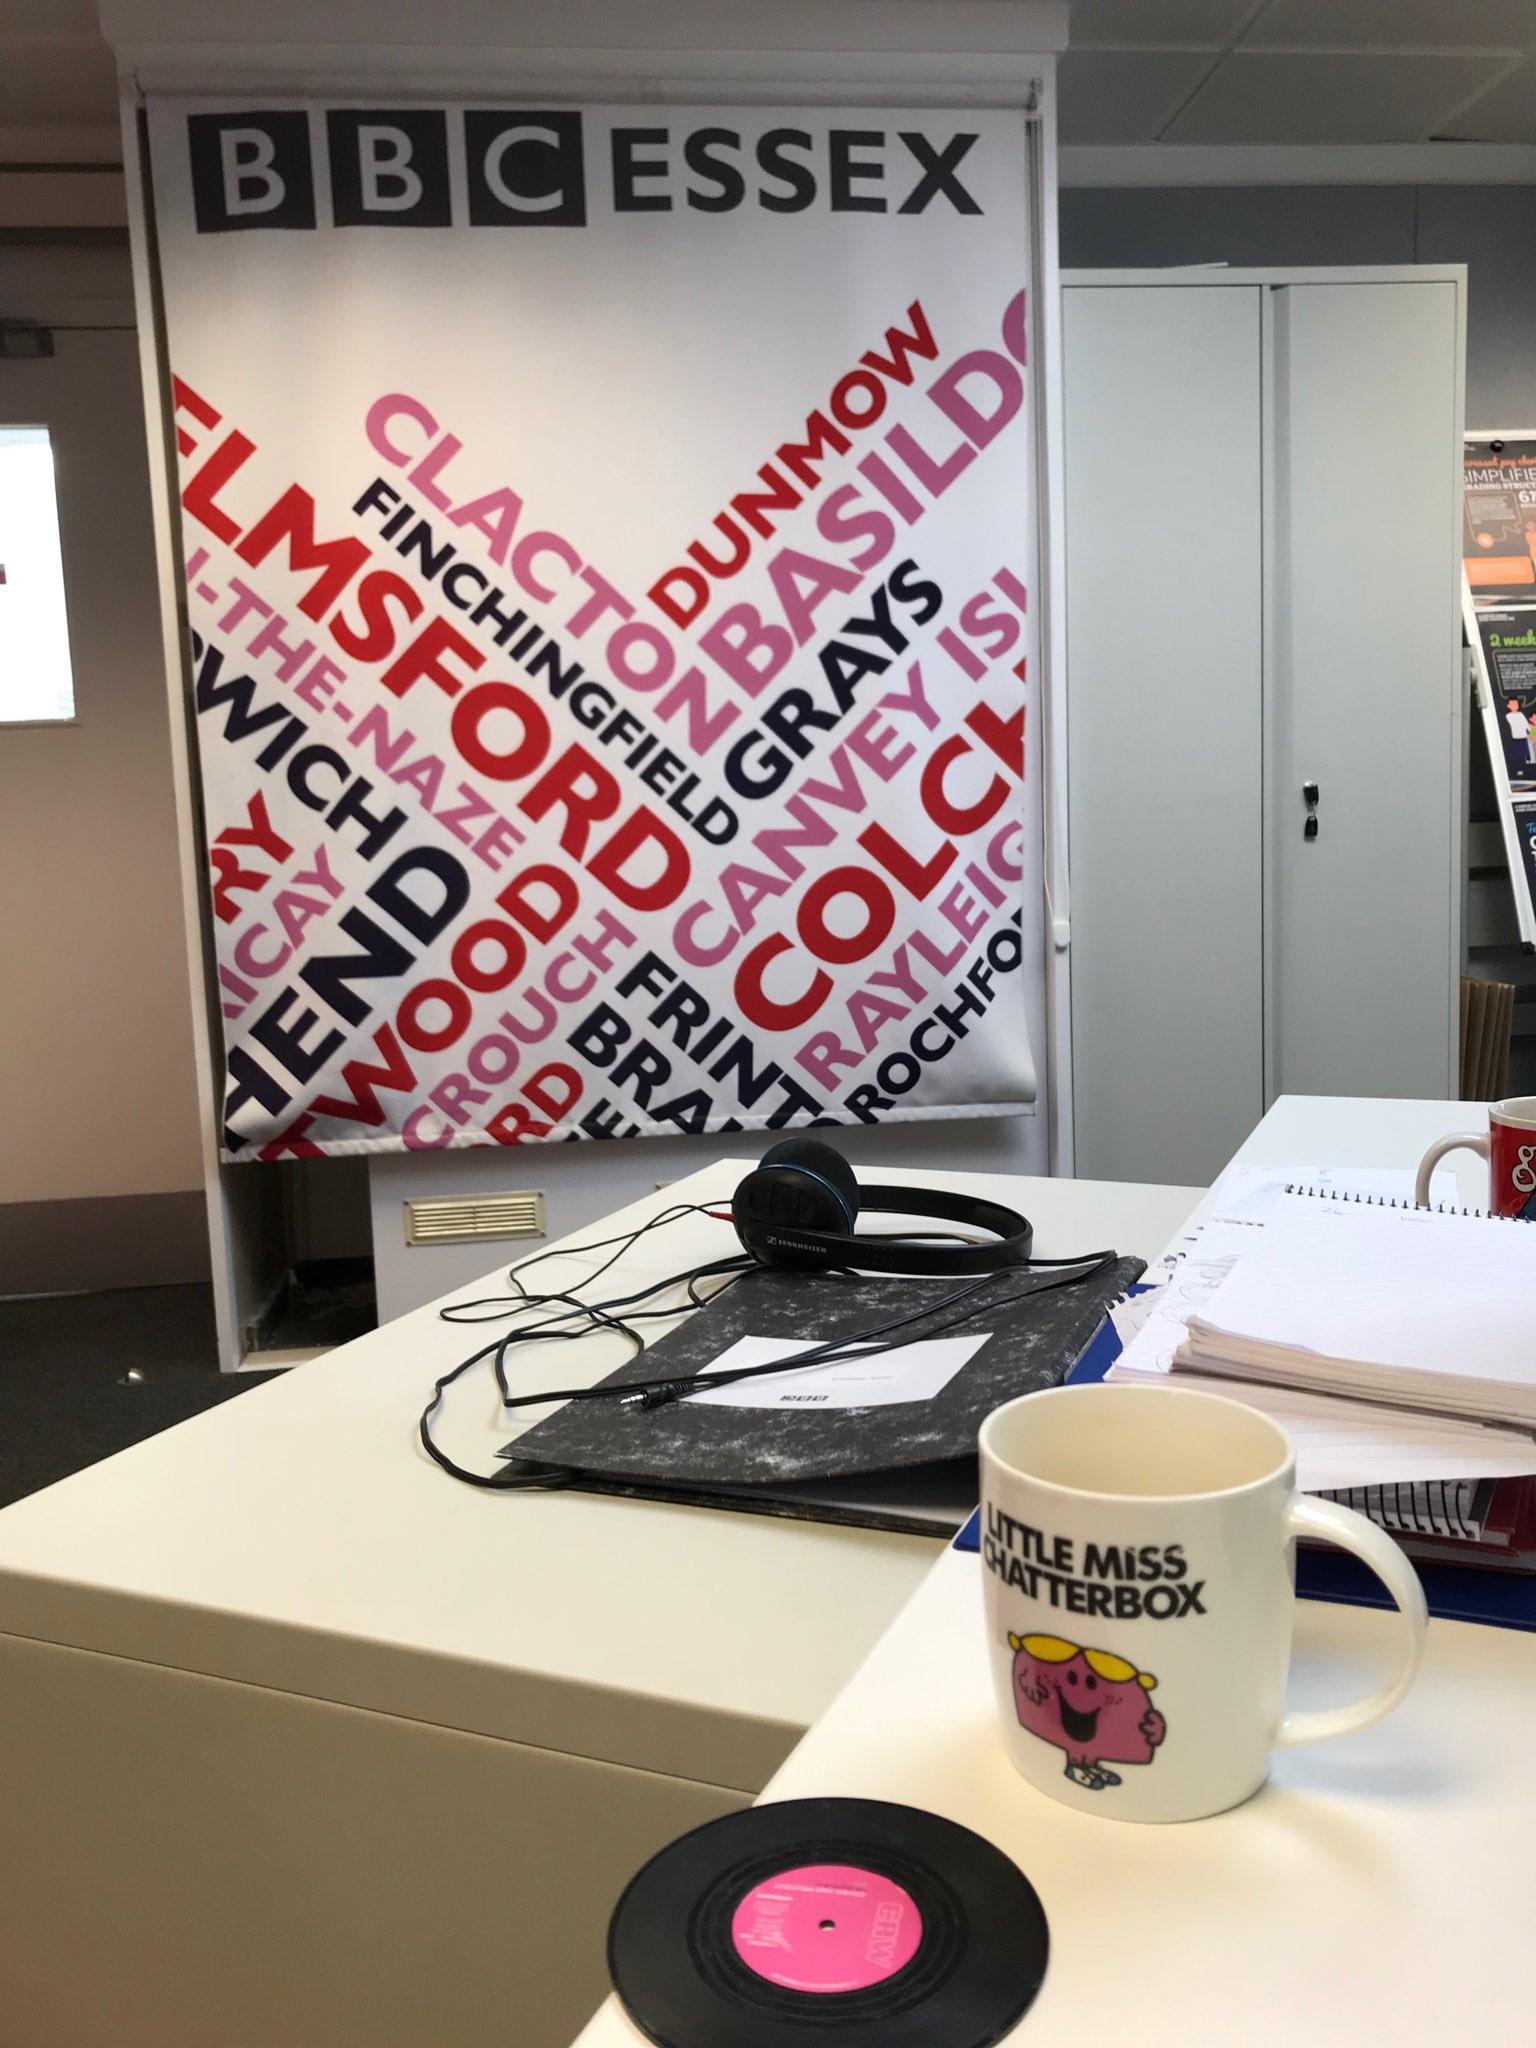 BBC Essex headphones